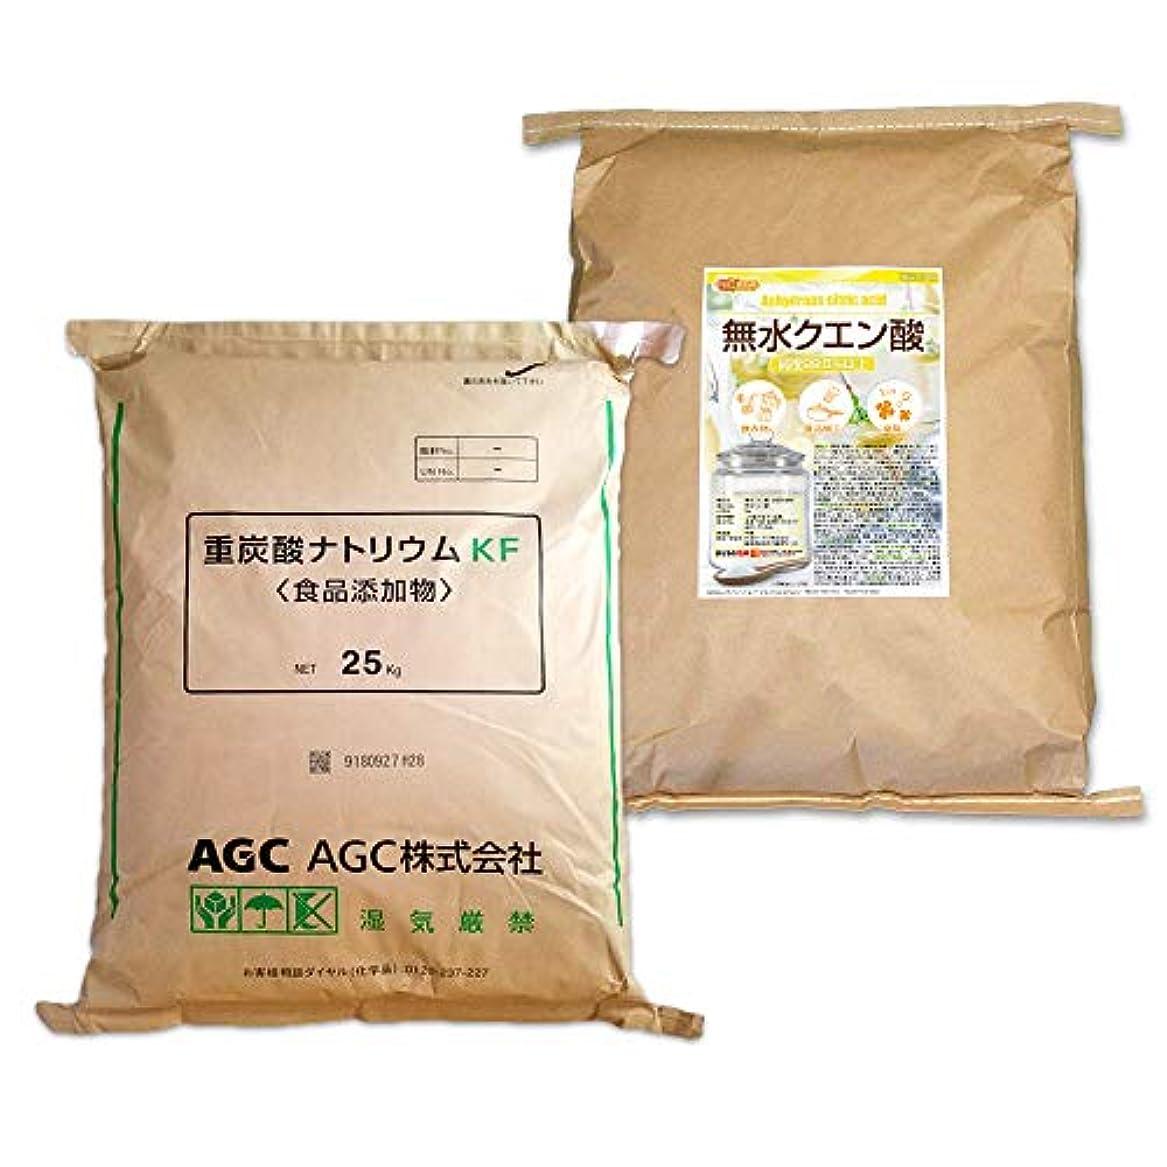 また明日ねフラップわずらわしいAGC製 重曹 25kg + 無水 クエン酸 25kg セット [02] 【同梱不可】NICHIGA(ニチガ)